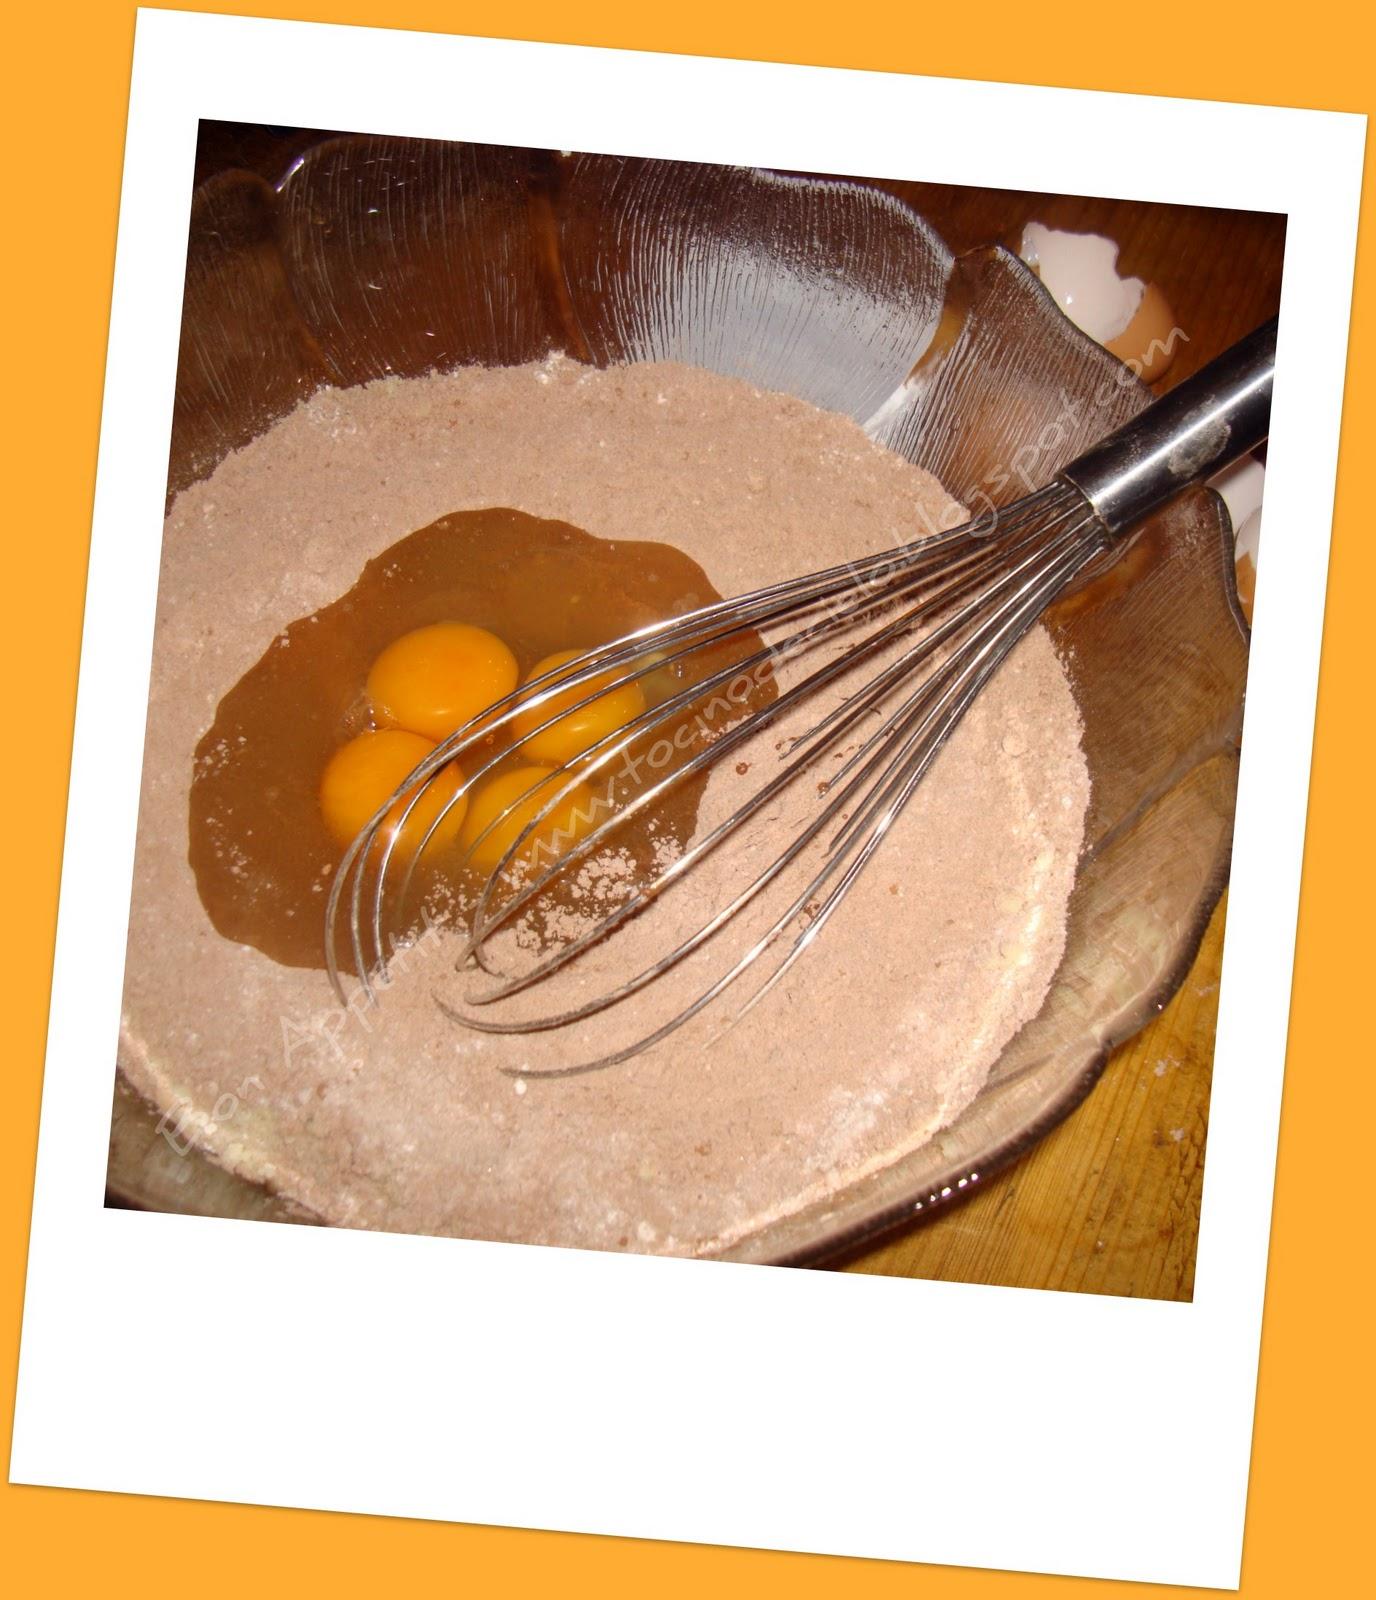 Bon appetit charlotte de cr pes au cacao la mousse au chocolat charlotte - Pate a crepes tupperware ...